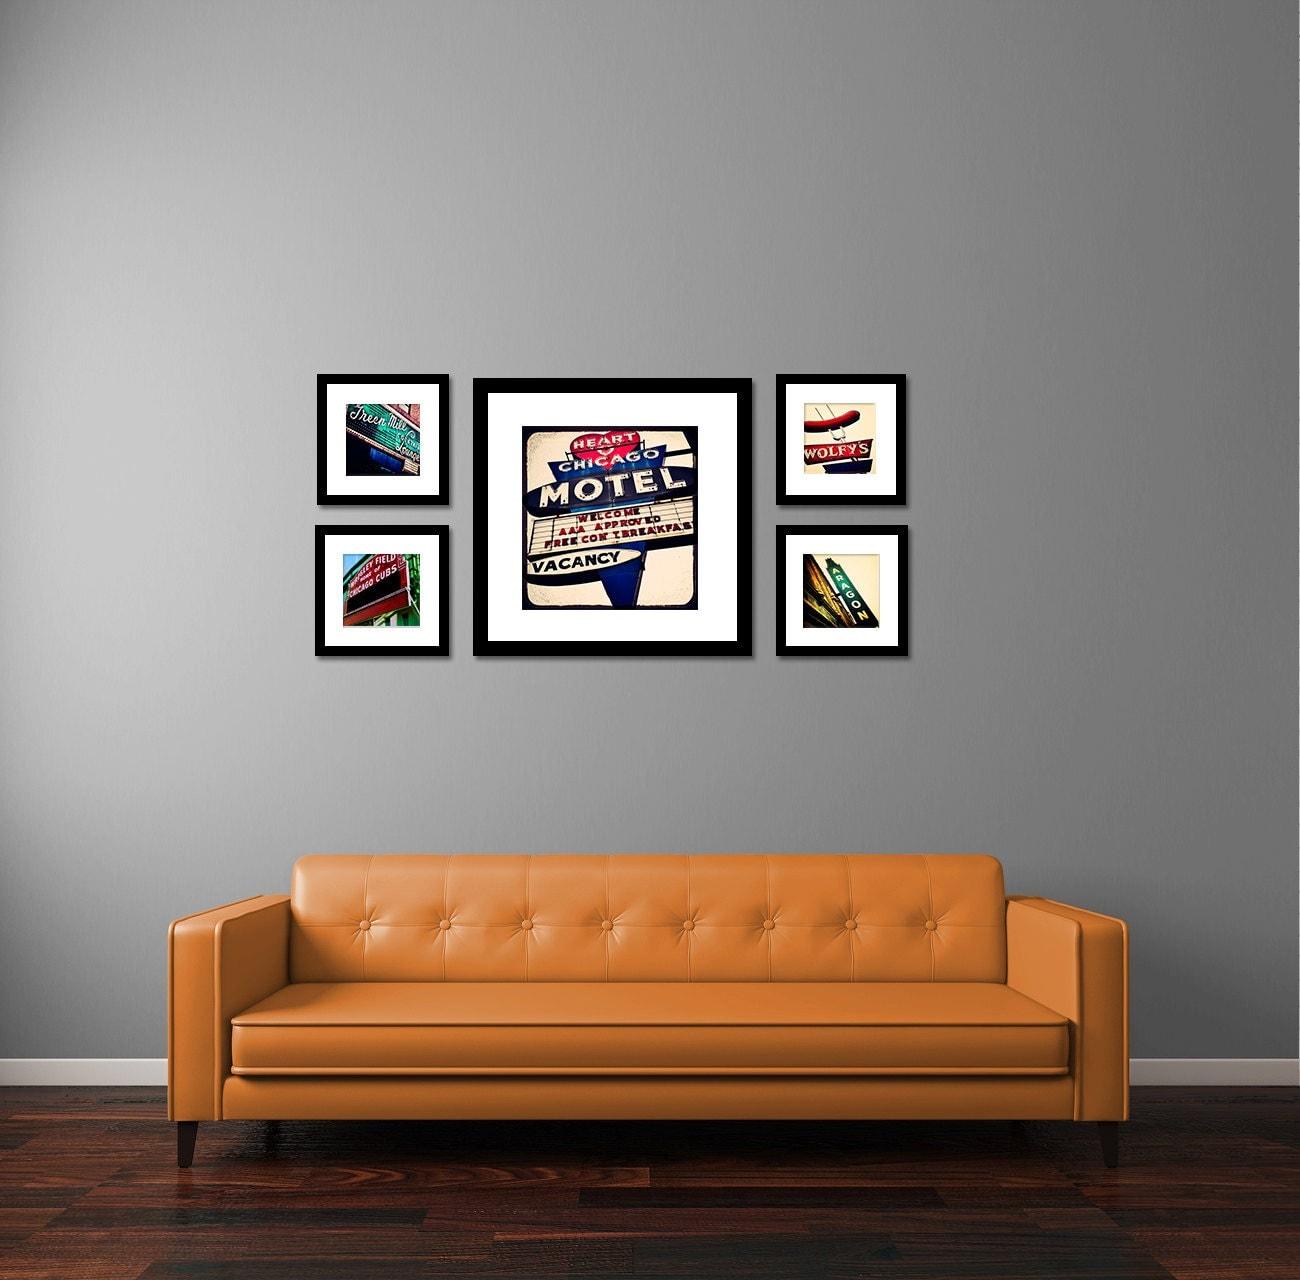 Chicago Wall Art chicago wall art | roselawnlutheran